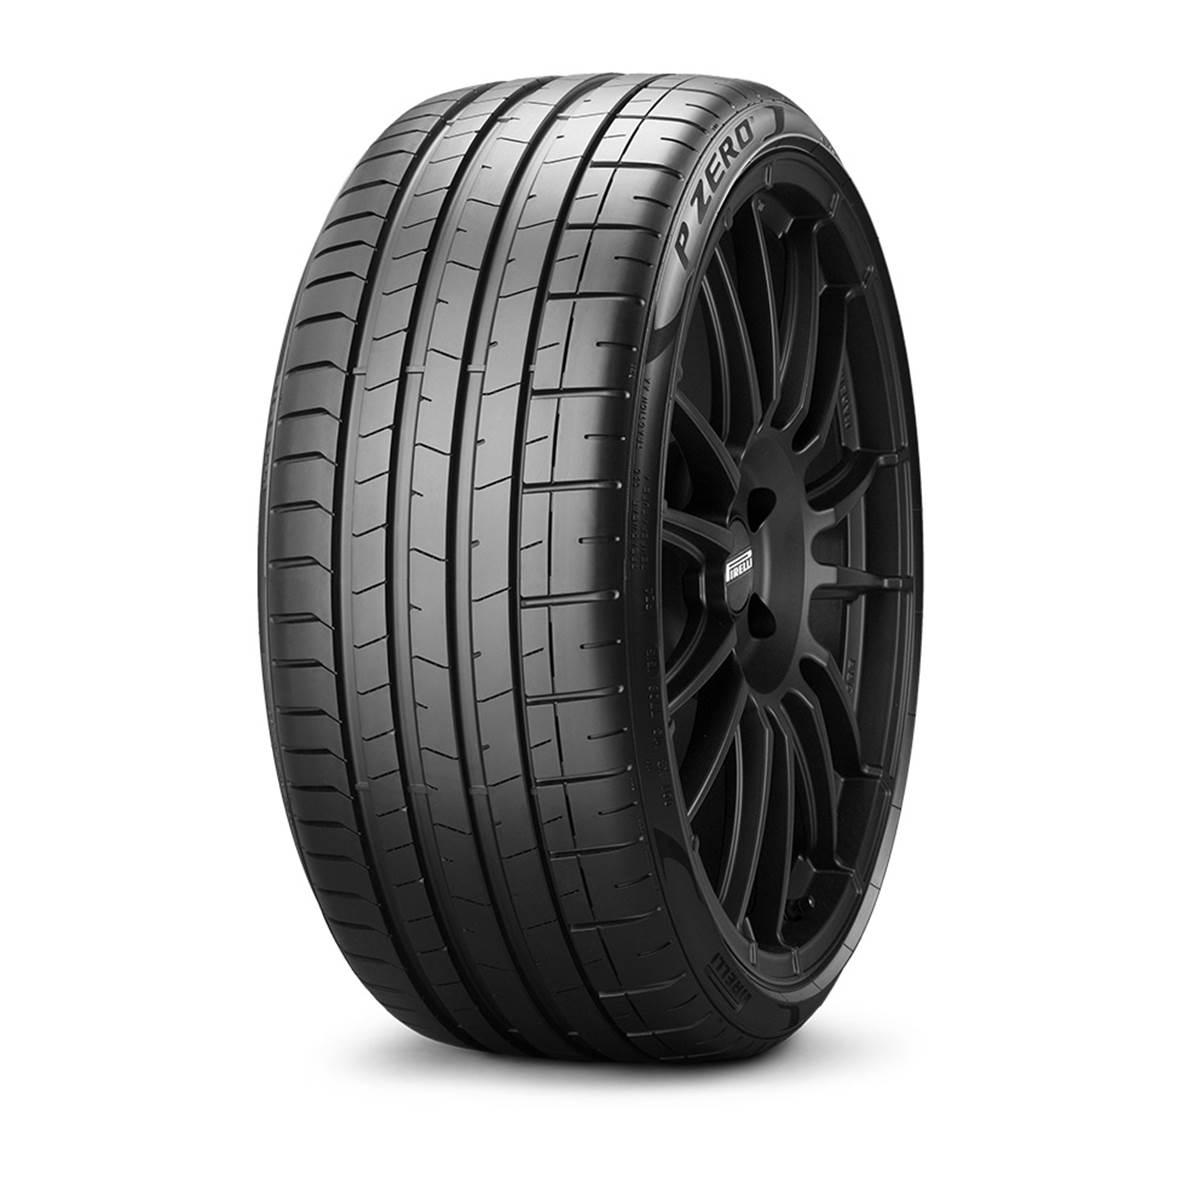 Pneu Pirelli 275/40R19 105Z Pzero XL